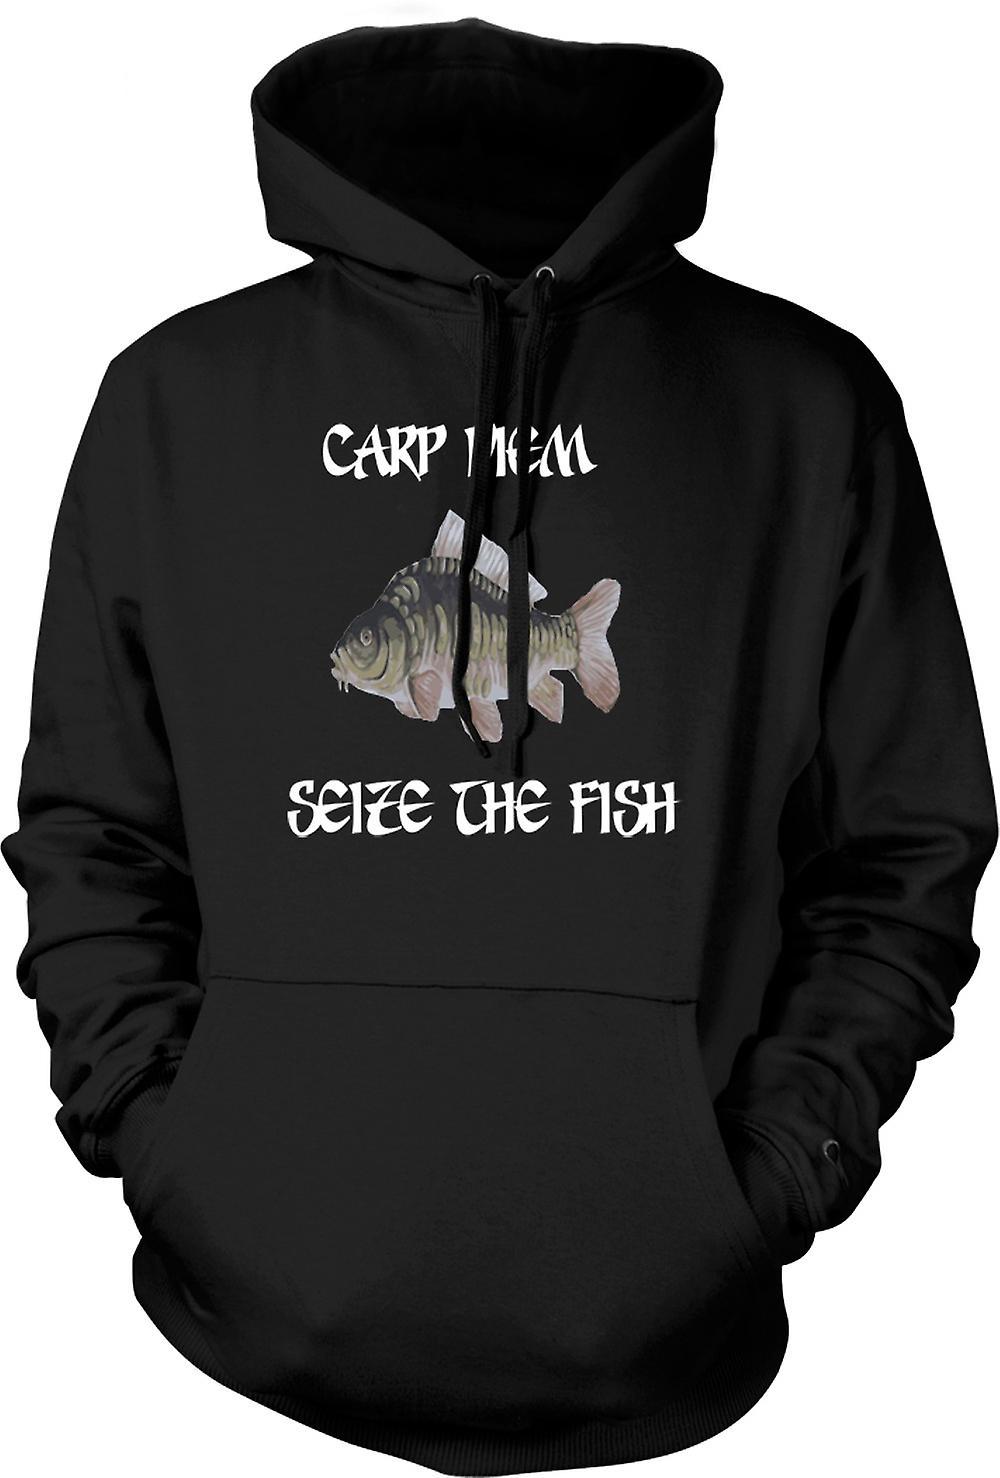 Para hombre con capucha - carpa Diem - agarrar el pescado - gracioso